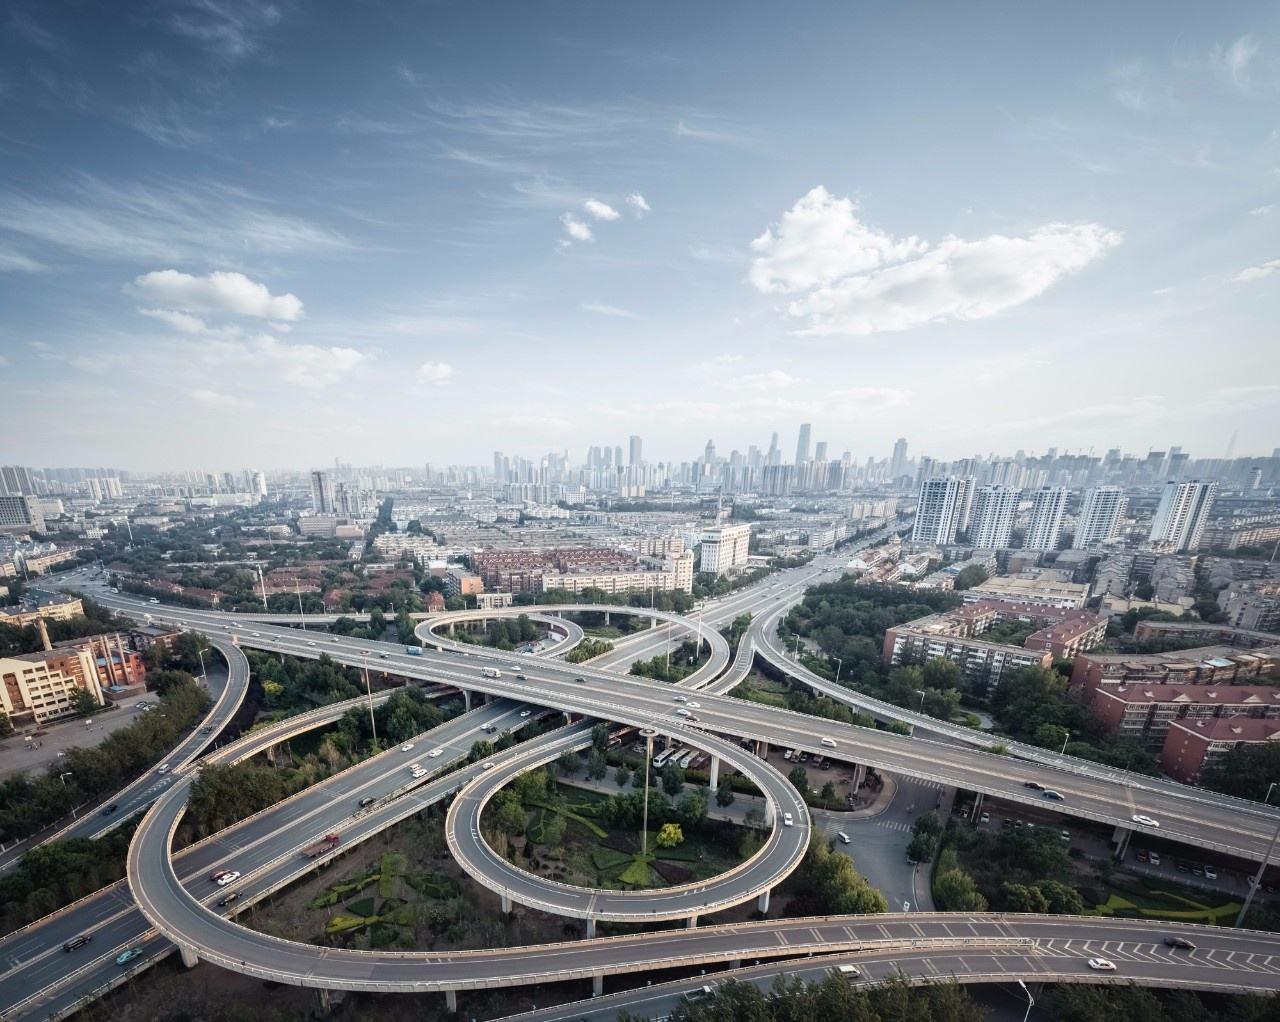 解读 | 智能交通工程市场在持续大热中迎来建设高潮